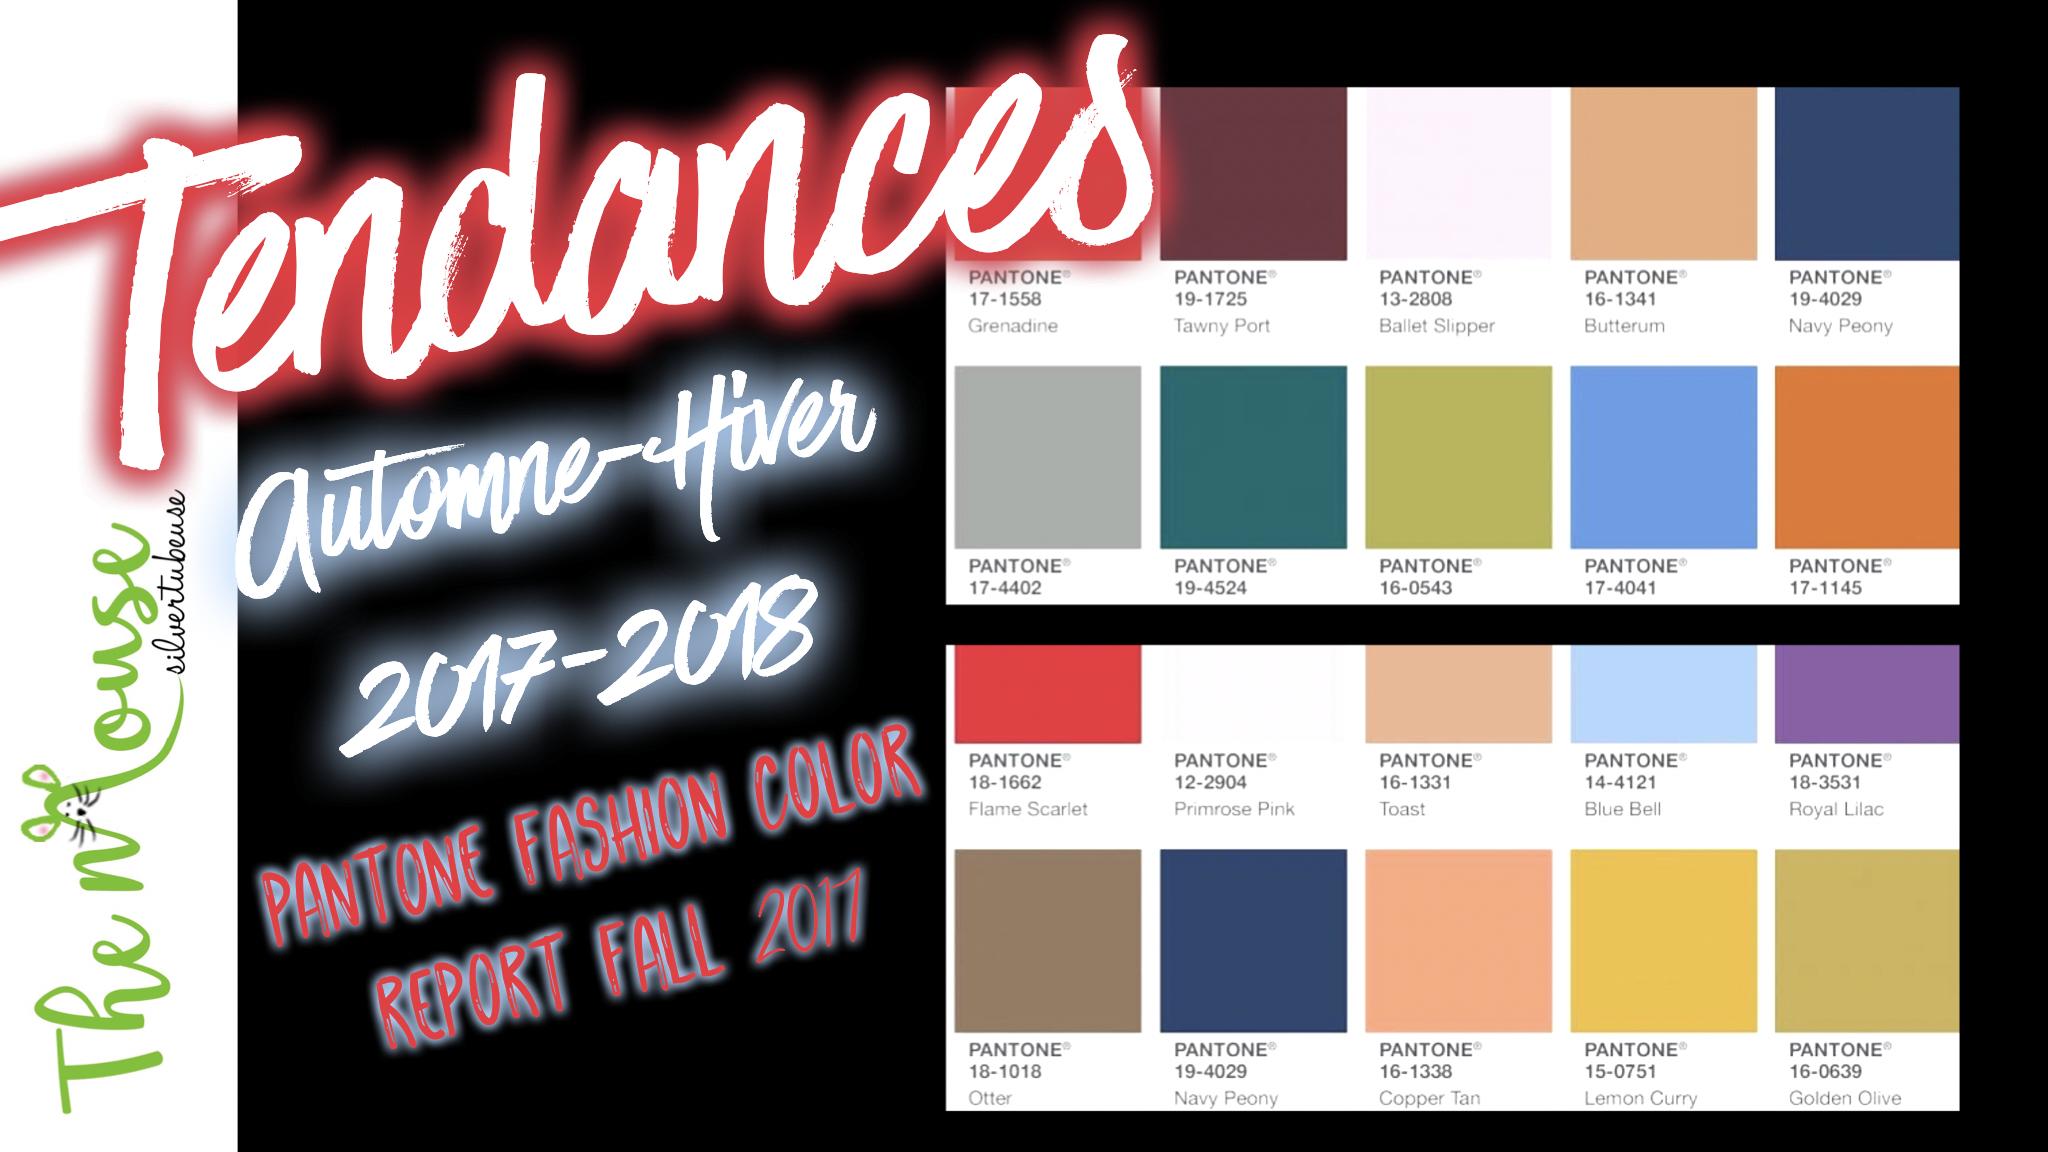 Les couleurs et tendances mode – beauté pour l'automne-hiver 2017/2018